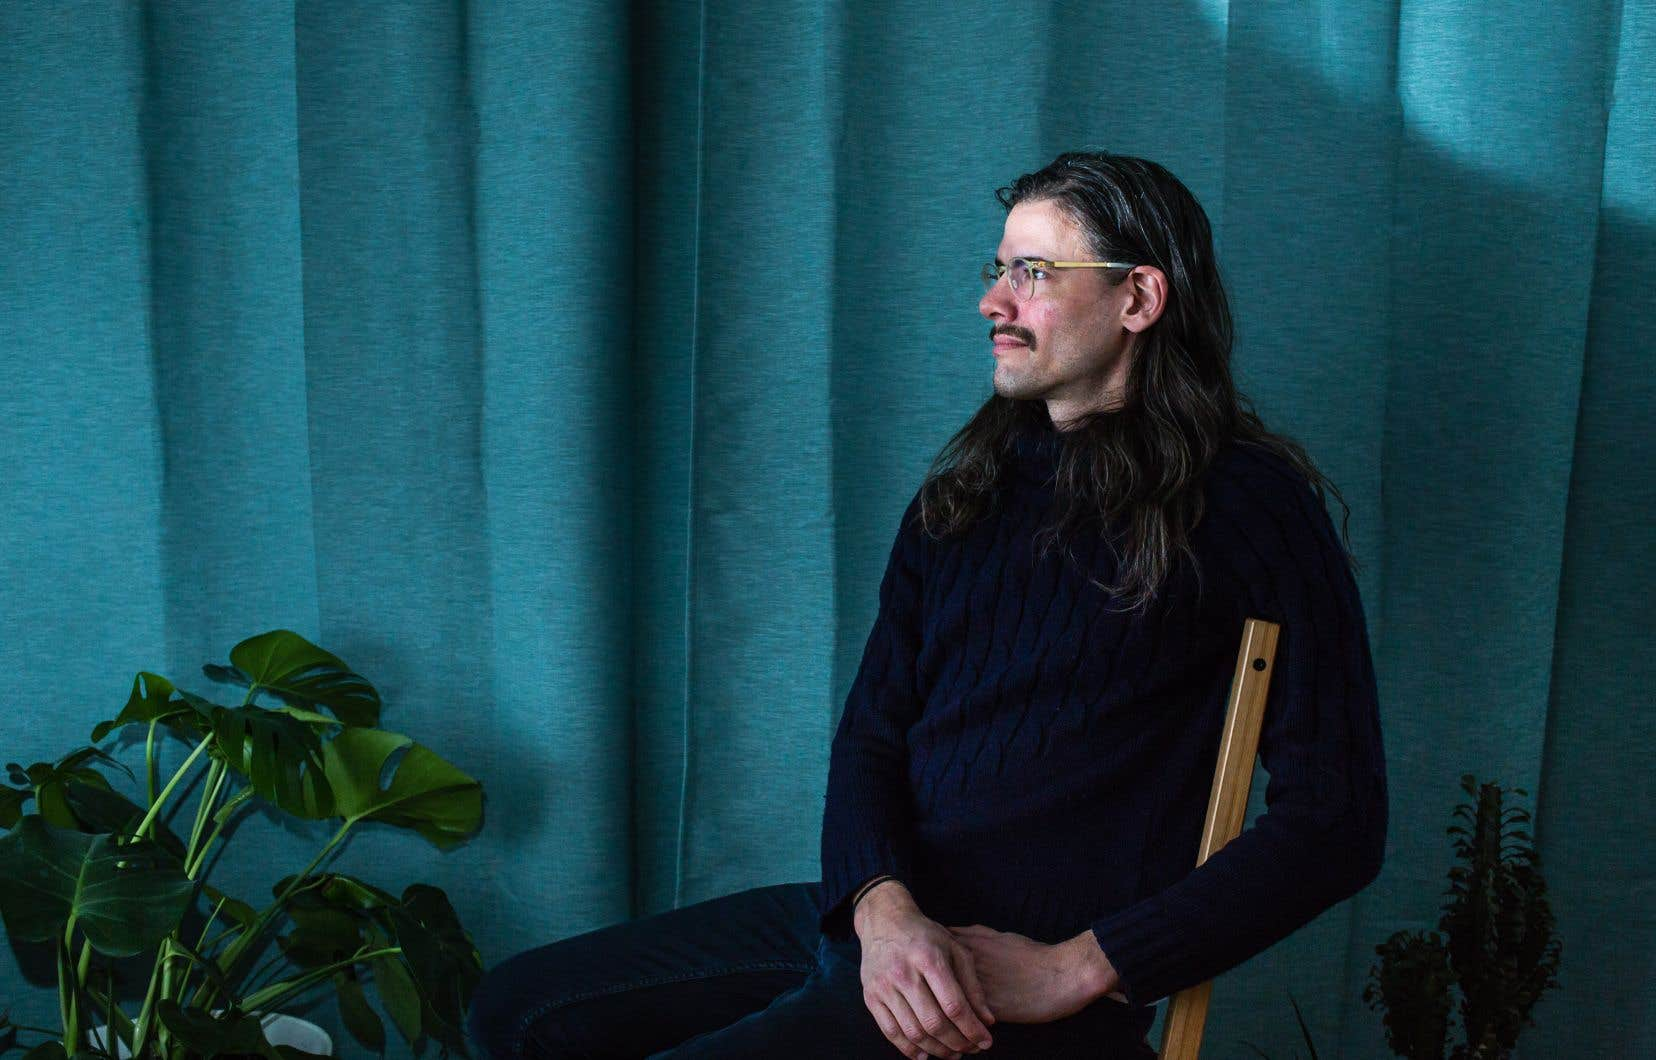 François Gilbert, chez lui, dans le Vieux Montreal, à l'occasion de la sortie de son nouveau roman, Mayapura. Il s'est écoulé six ans depuis le début de l'écriture de sa série spirituelle et identitaire.